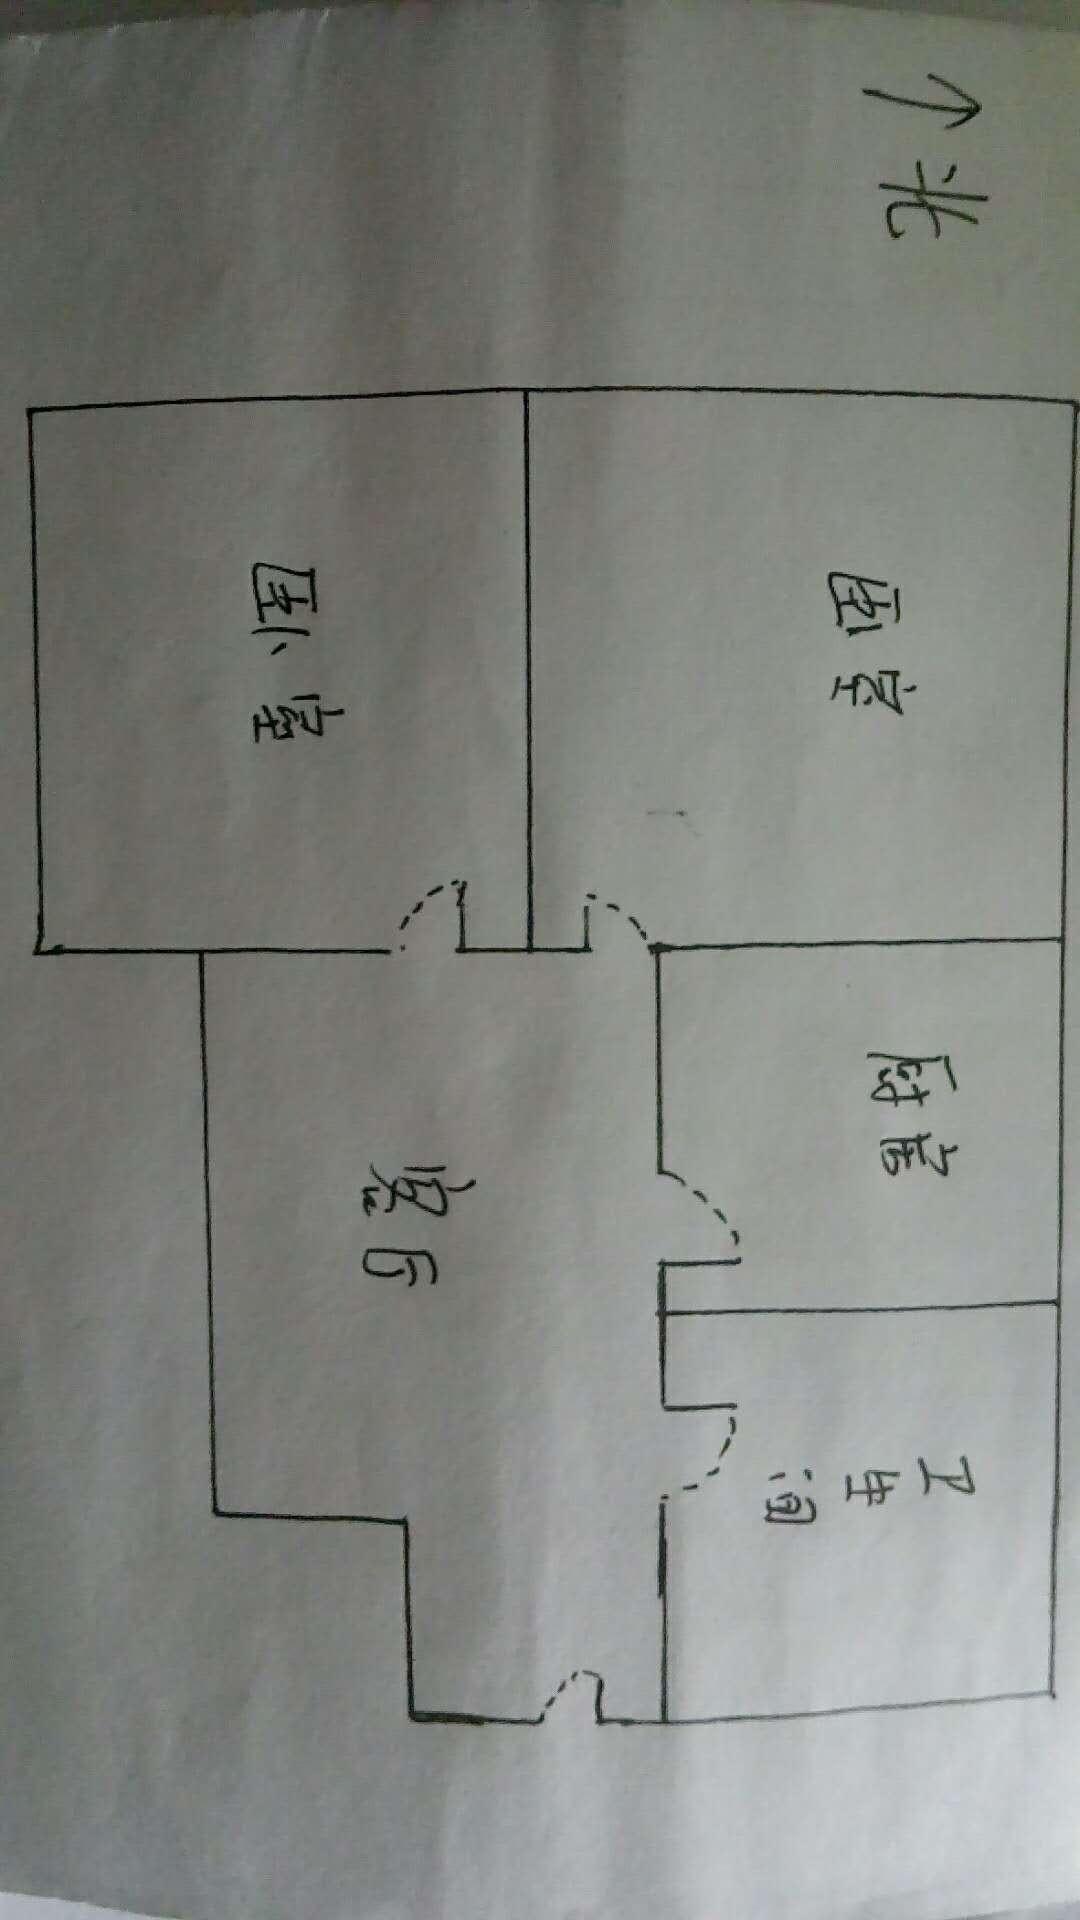 岔河小区 2室1厅 4楼